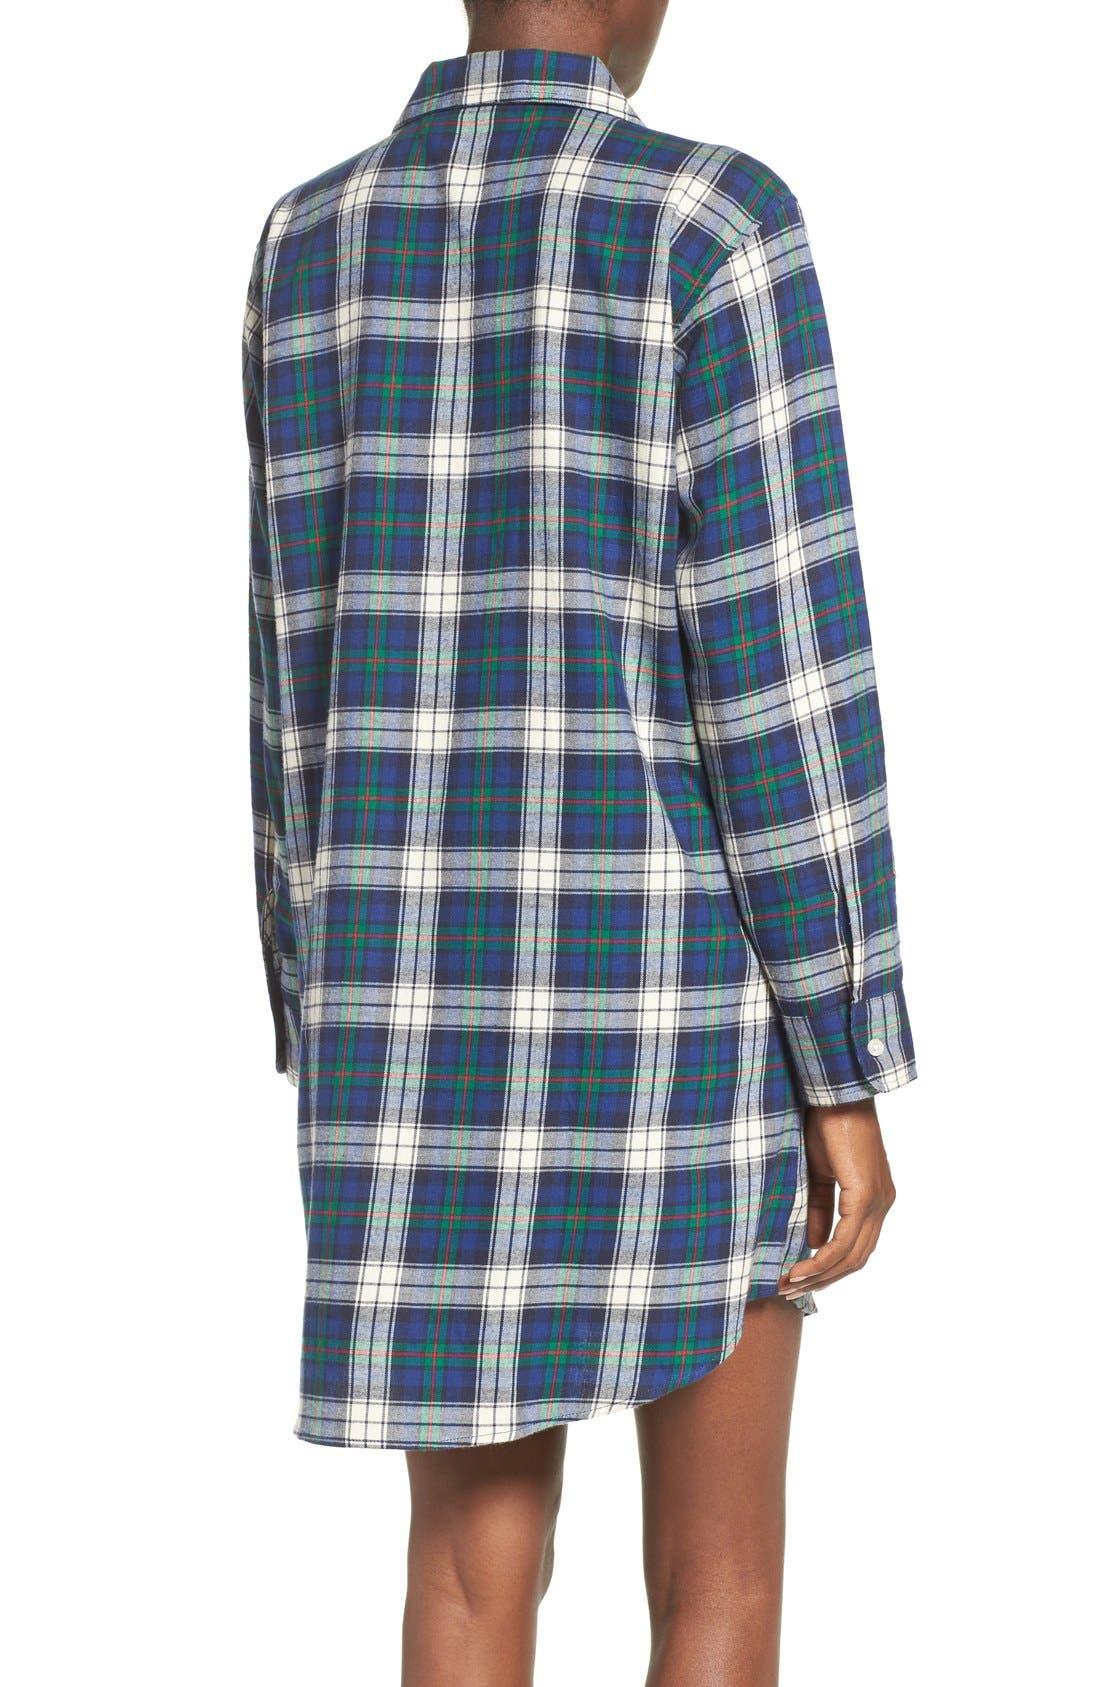 Plaid Woven Sleep Shirt,                             Alternate thumbnail 2, color,                             Plaid Cream/ Blue/ Green